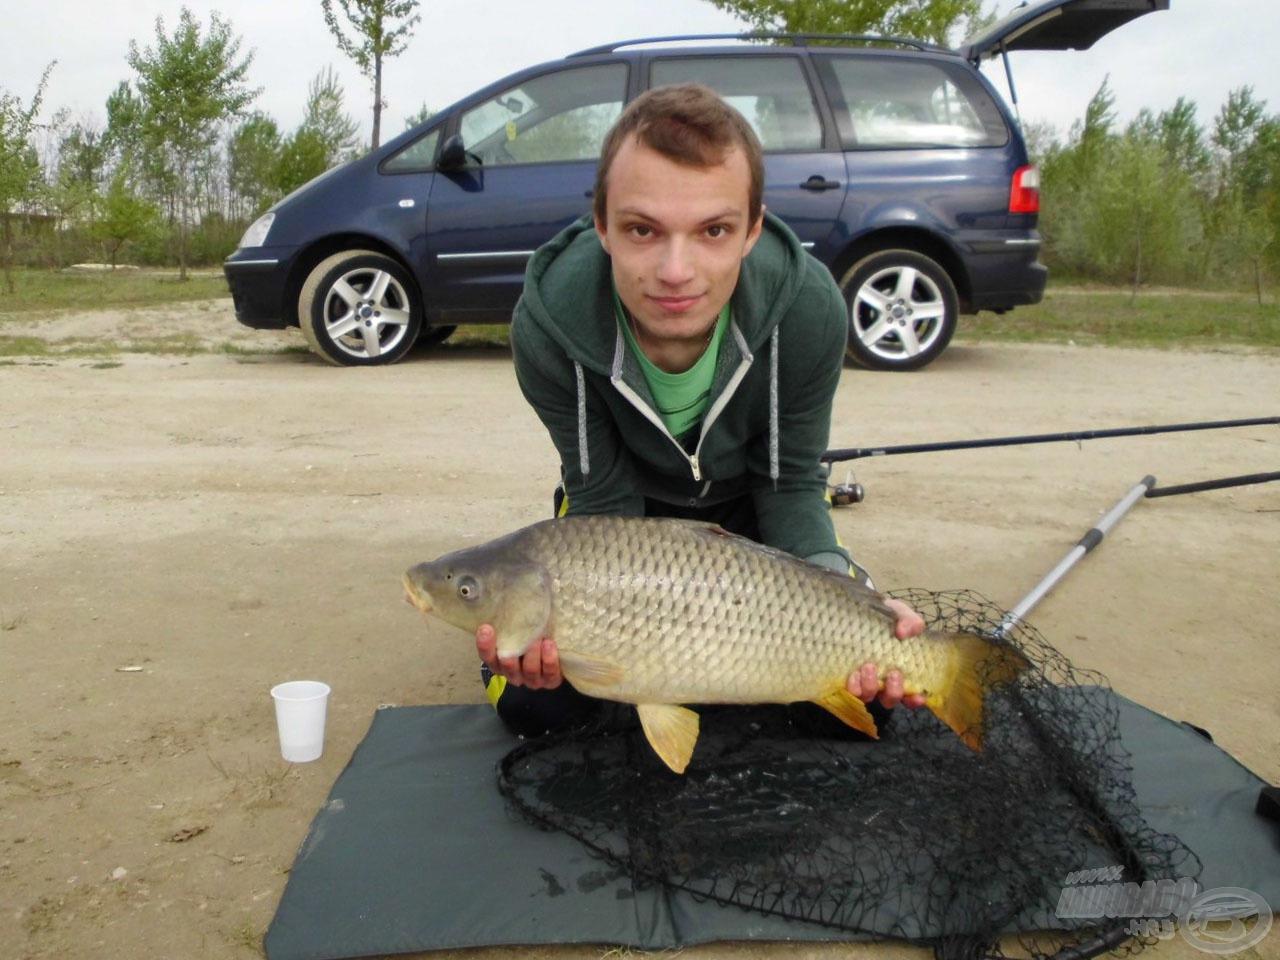 Termetes, 6,5 kg-os jószág volt, mely az általam eddig fogott legnagyobb halak közé sorolható